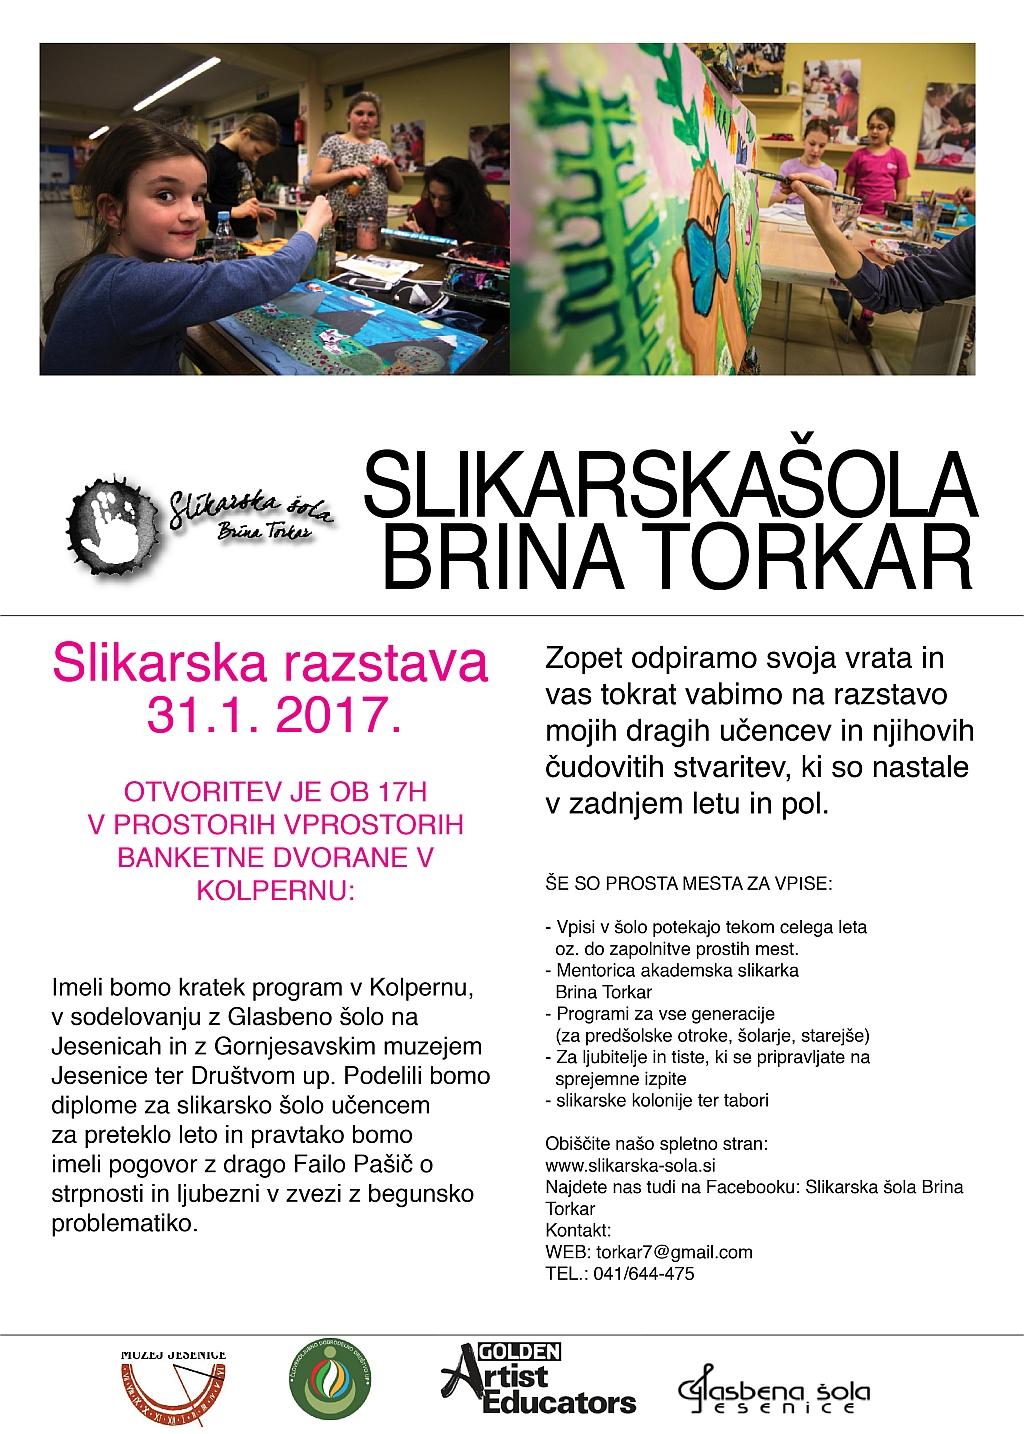 Slikarska šola Brine Torkar